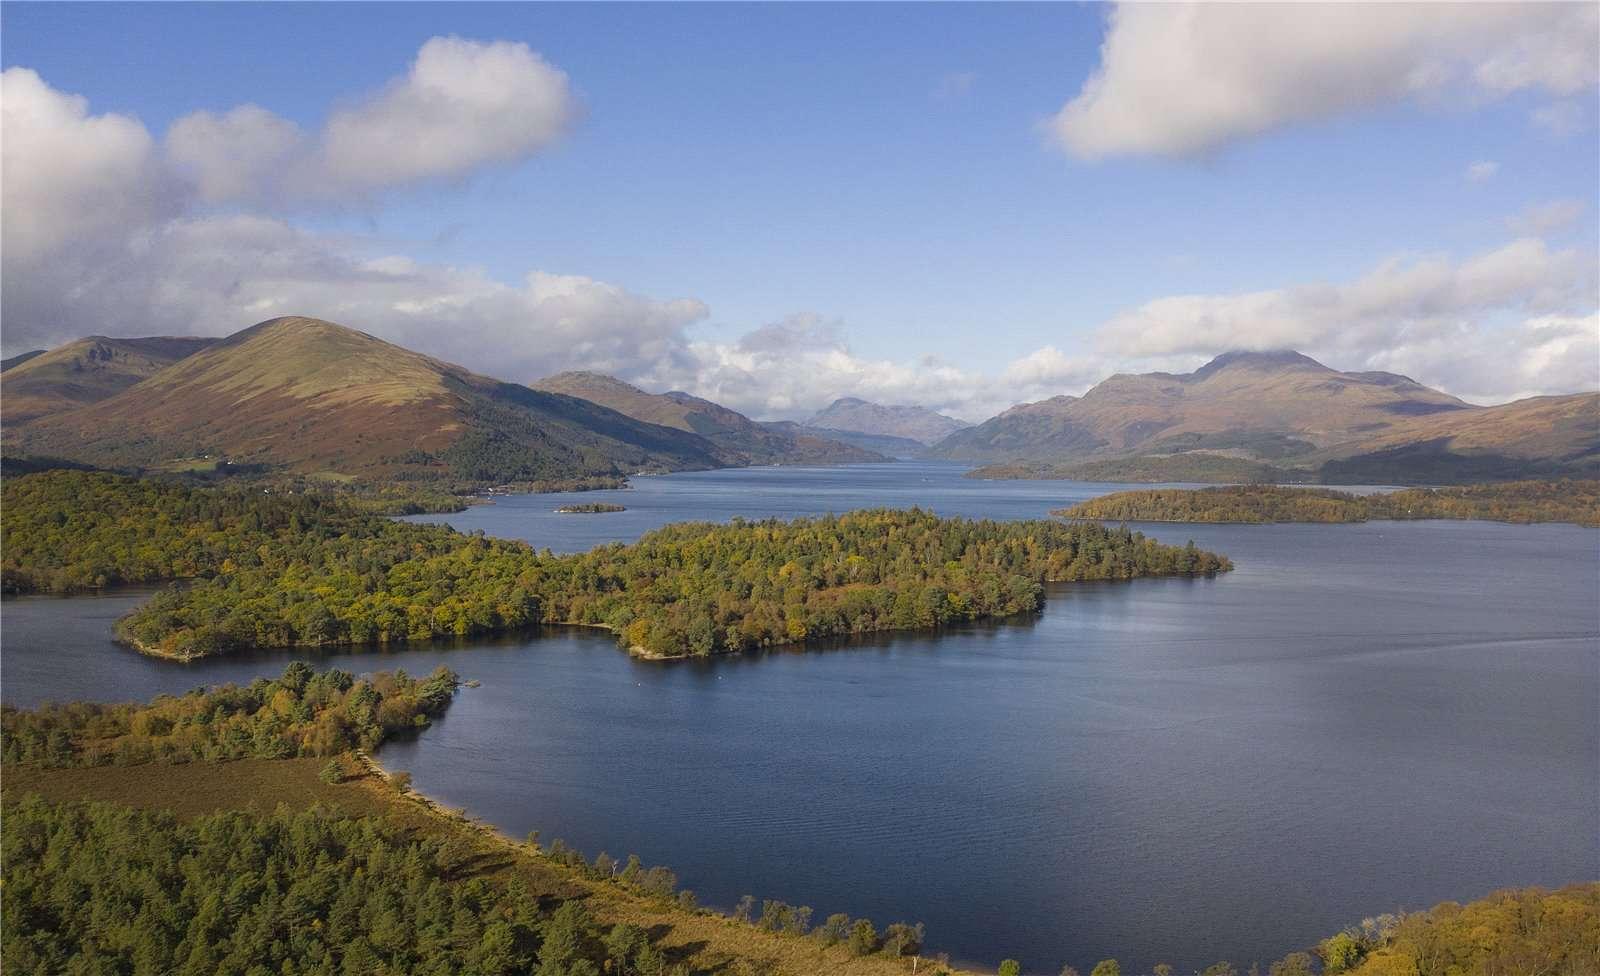 Inchconnachan Island Loch Lomond G83 8nu Properties For Sale Savills